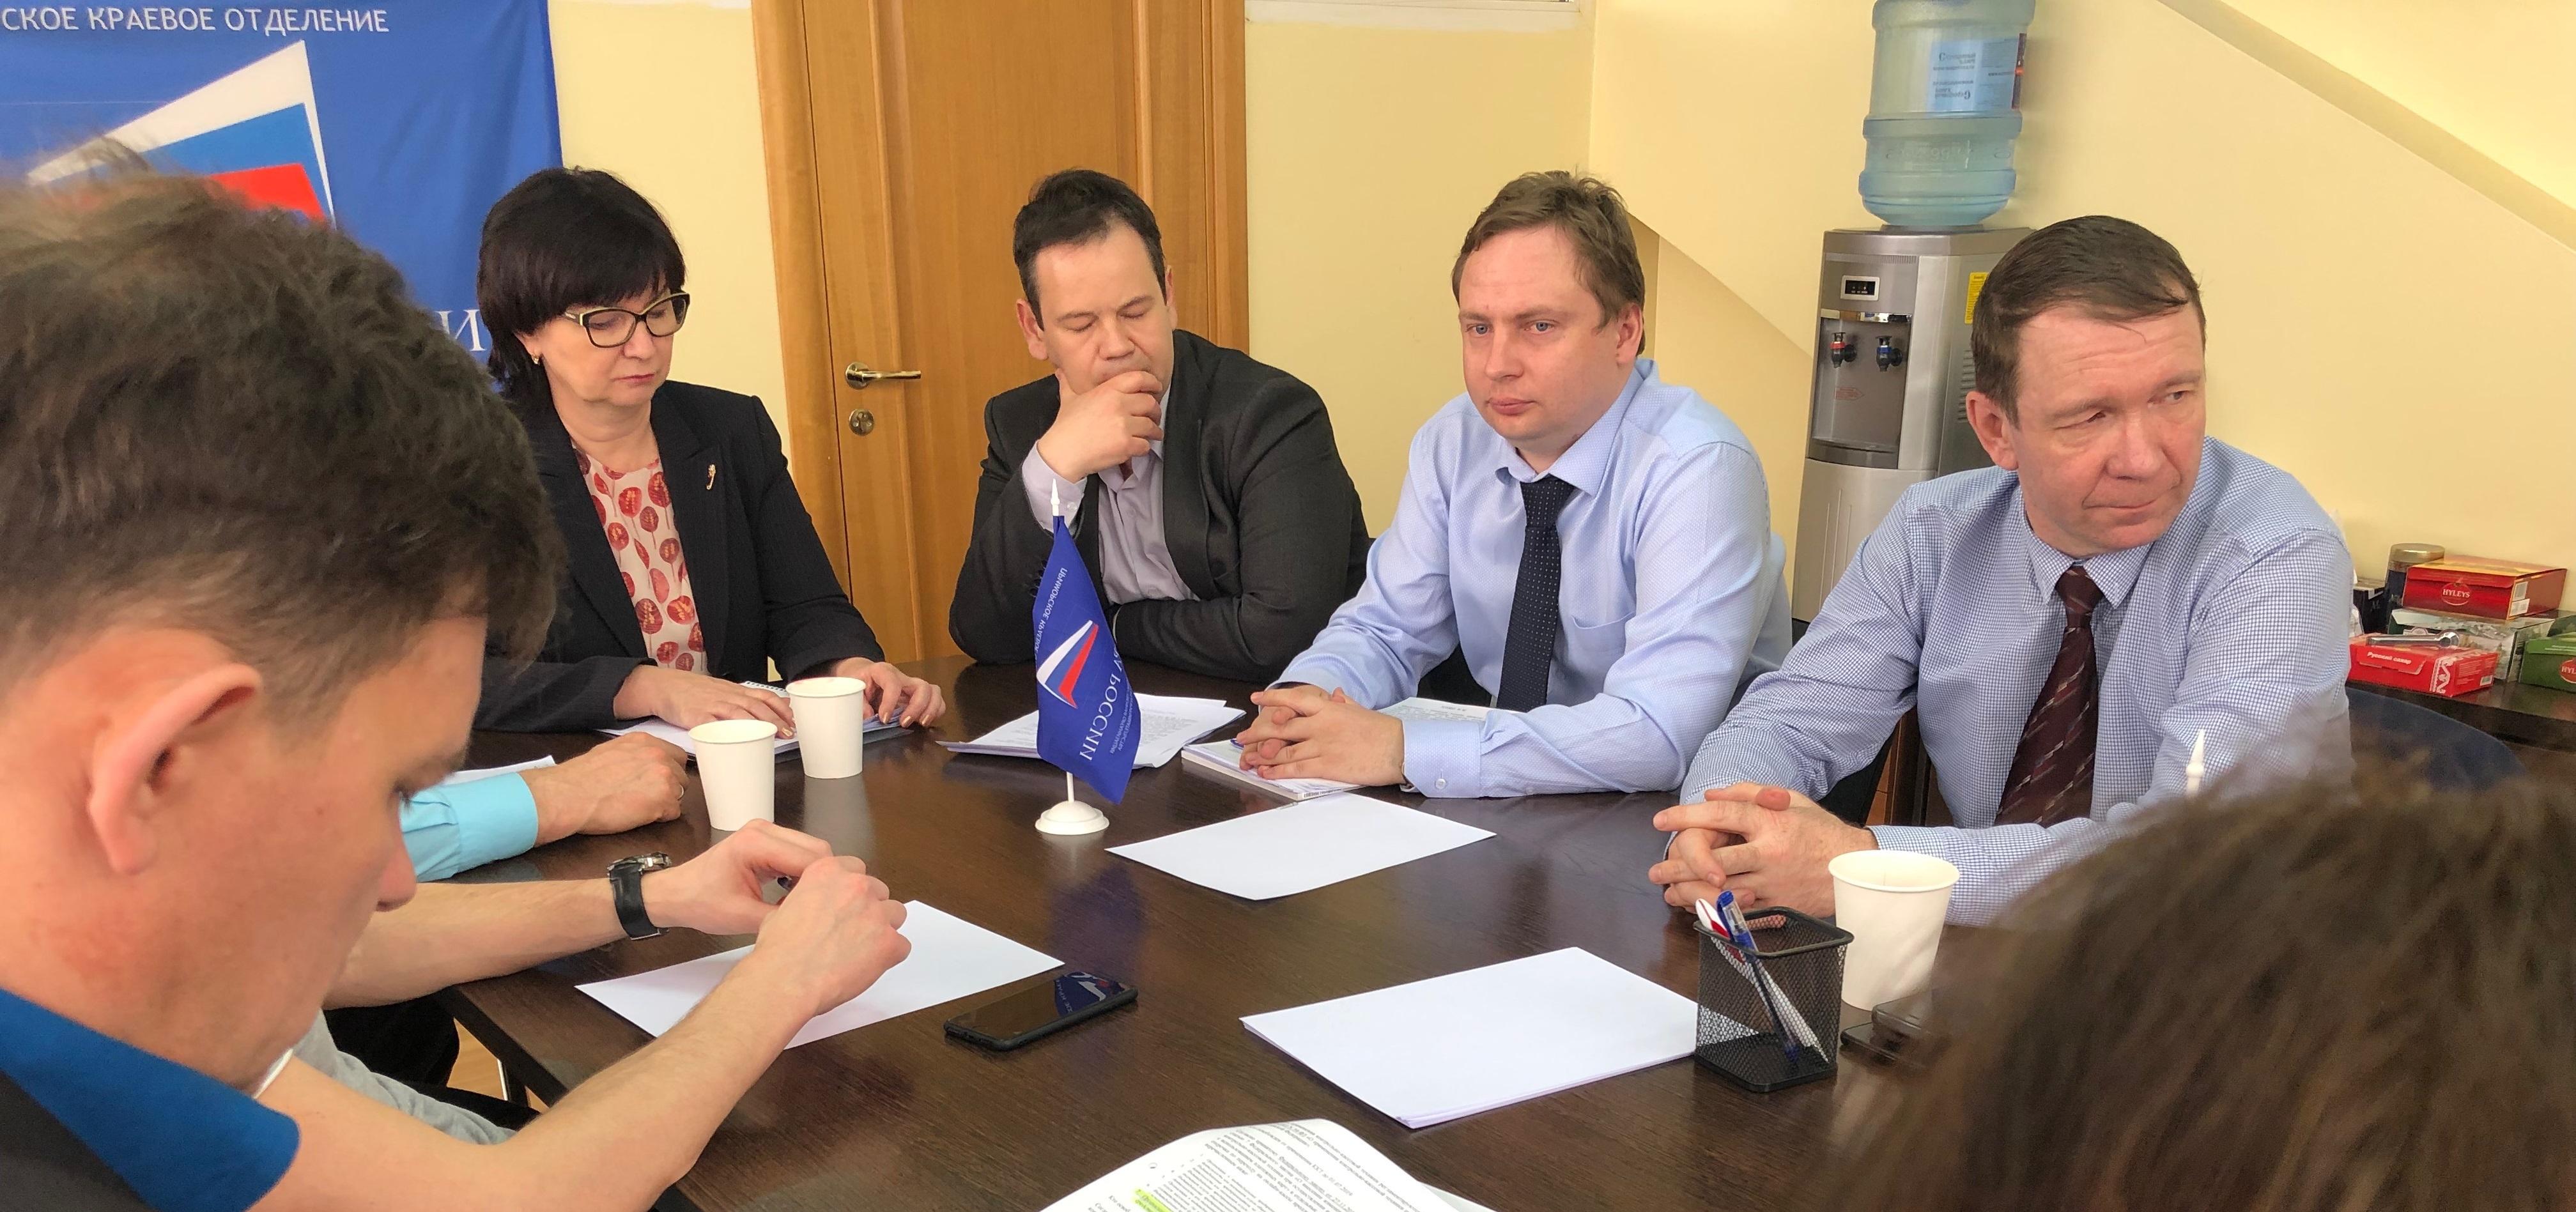 в офисе Приморского краевого отделения «ОПОРЫ РОССИИ» прошло совещание по вопросу применения контрольно-кассовой техники